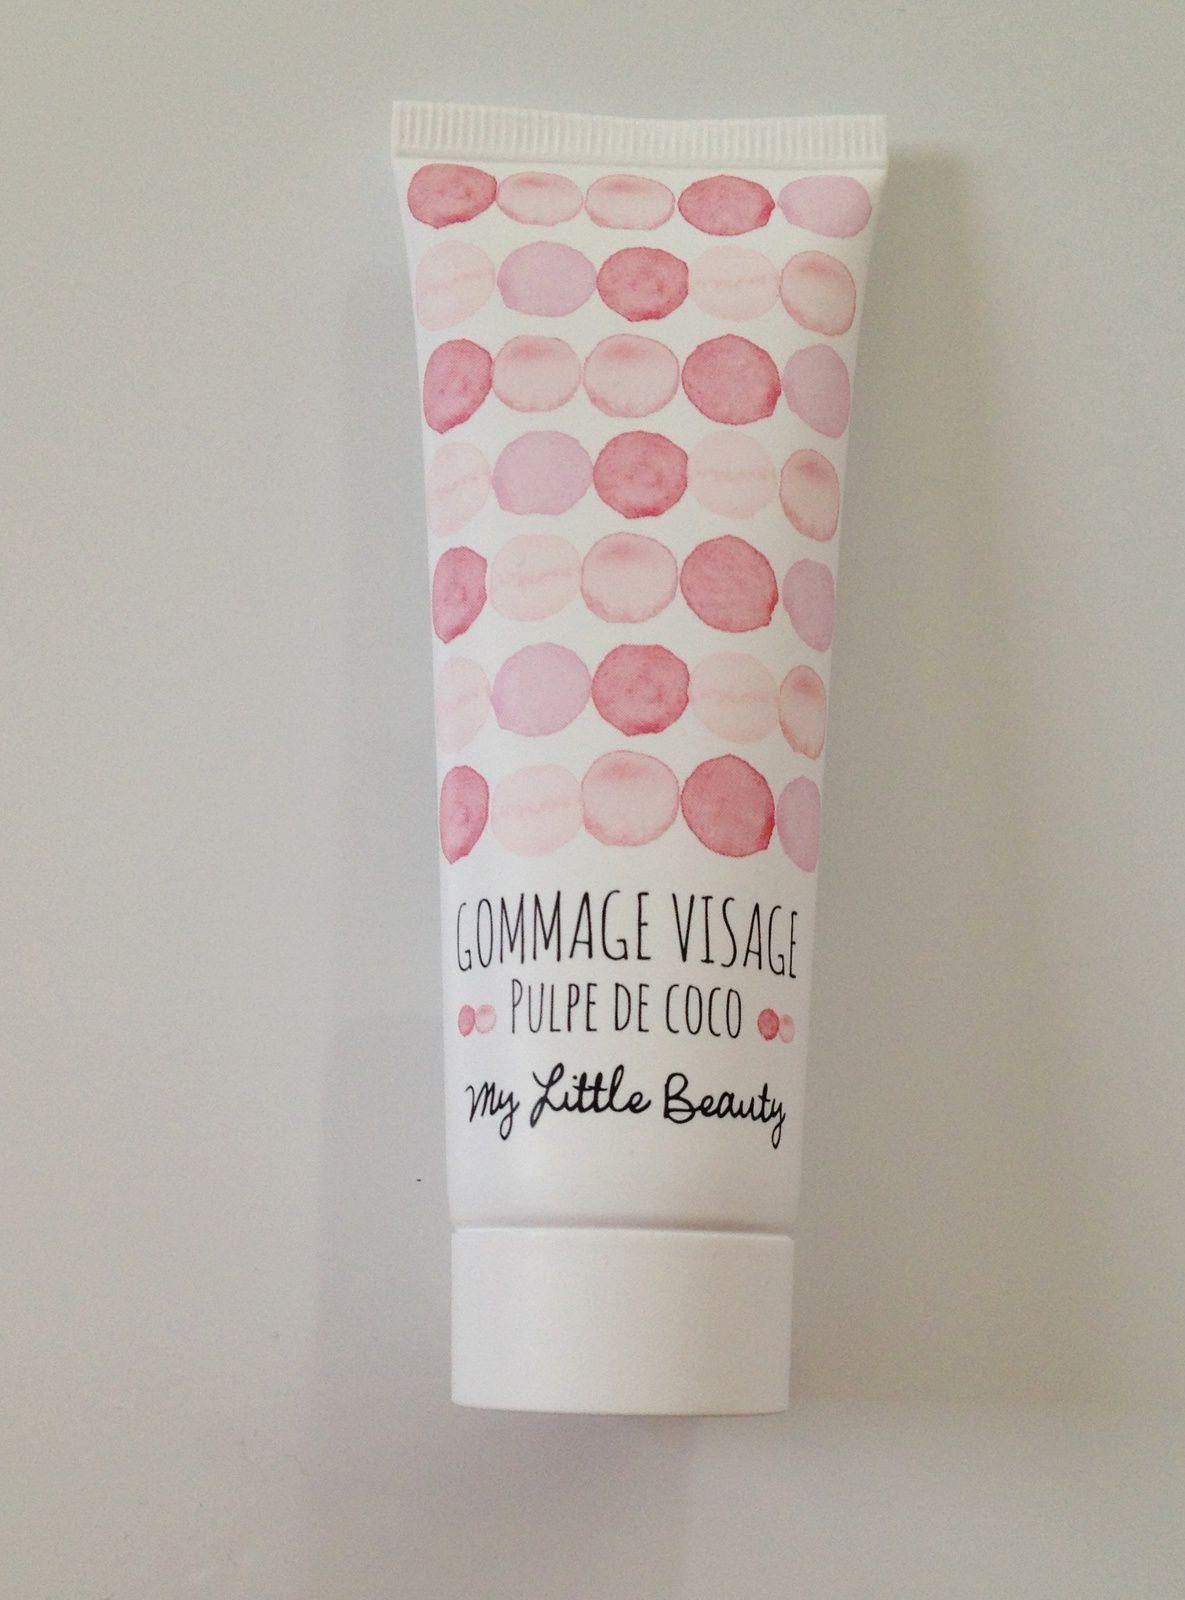 Le produit My little beauty: un gommage visage à la pulpe de coco. Le packaging tout rose est adorable .L'odeur du produit est très agréable.J'ai hâte de pouvoir l'essayer.